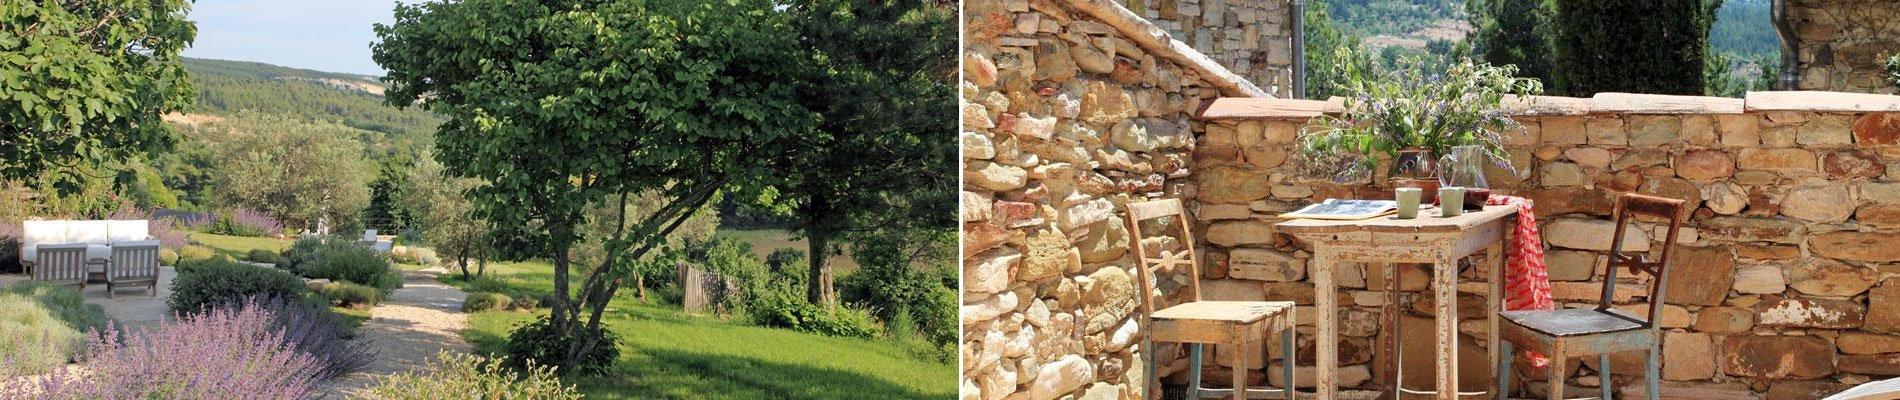 lhdd-hameau-de-cournille-provence